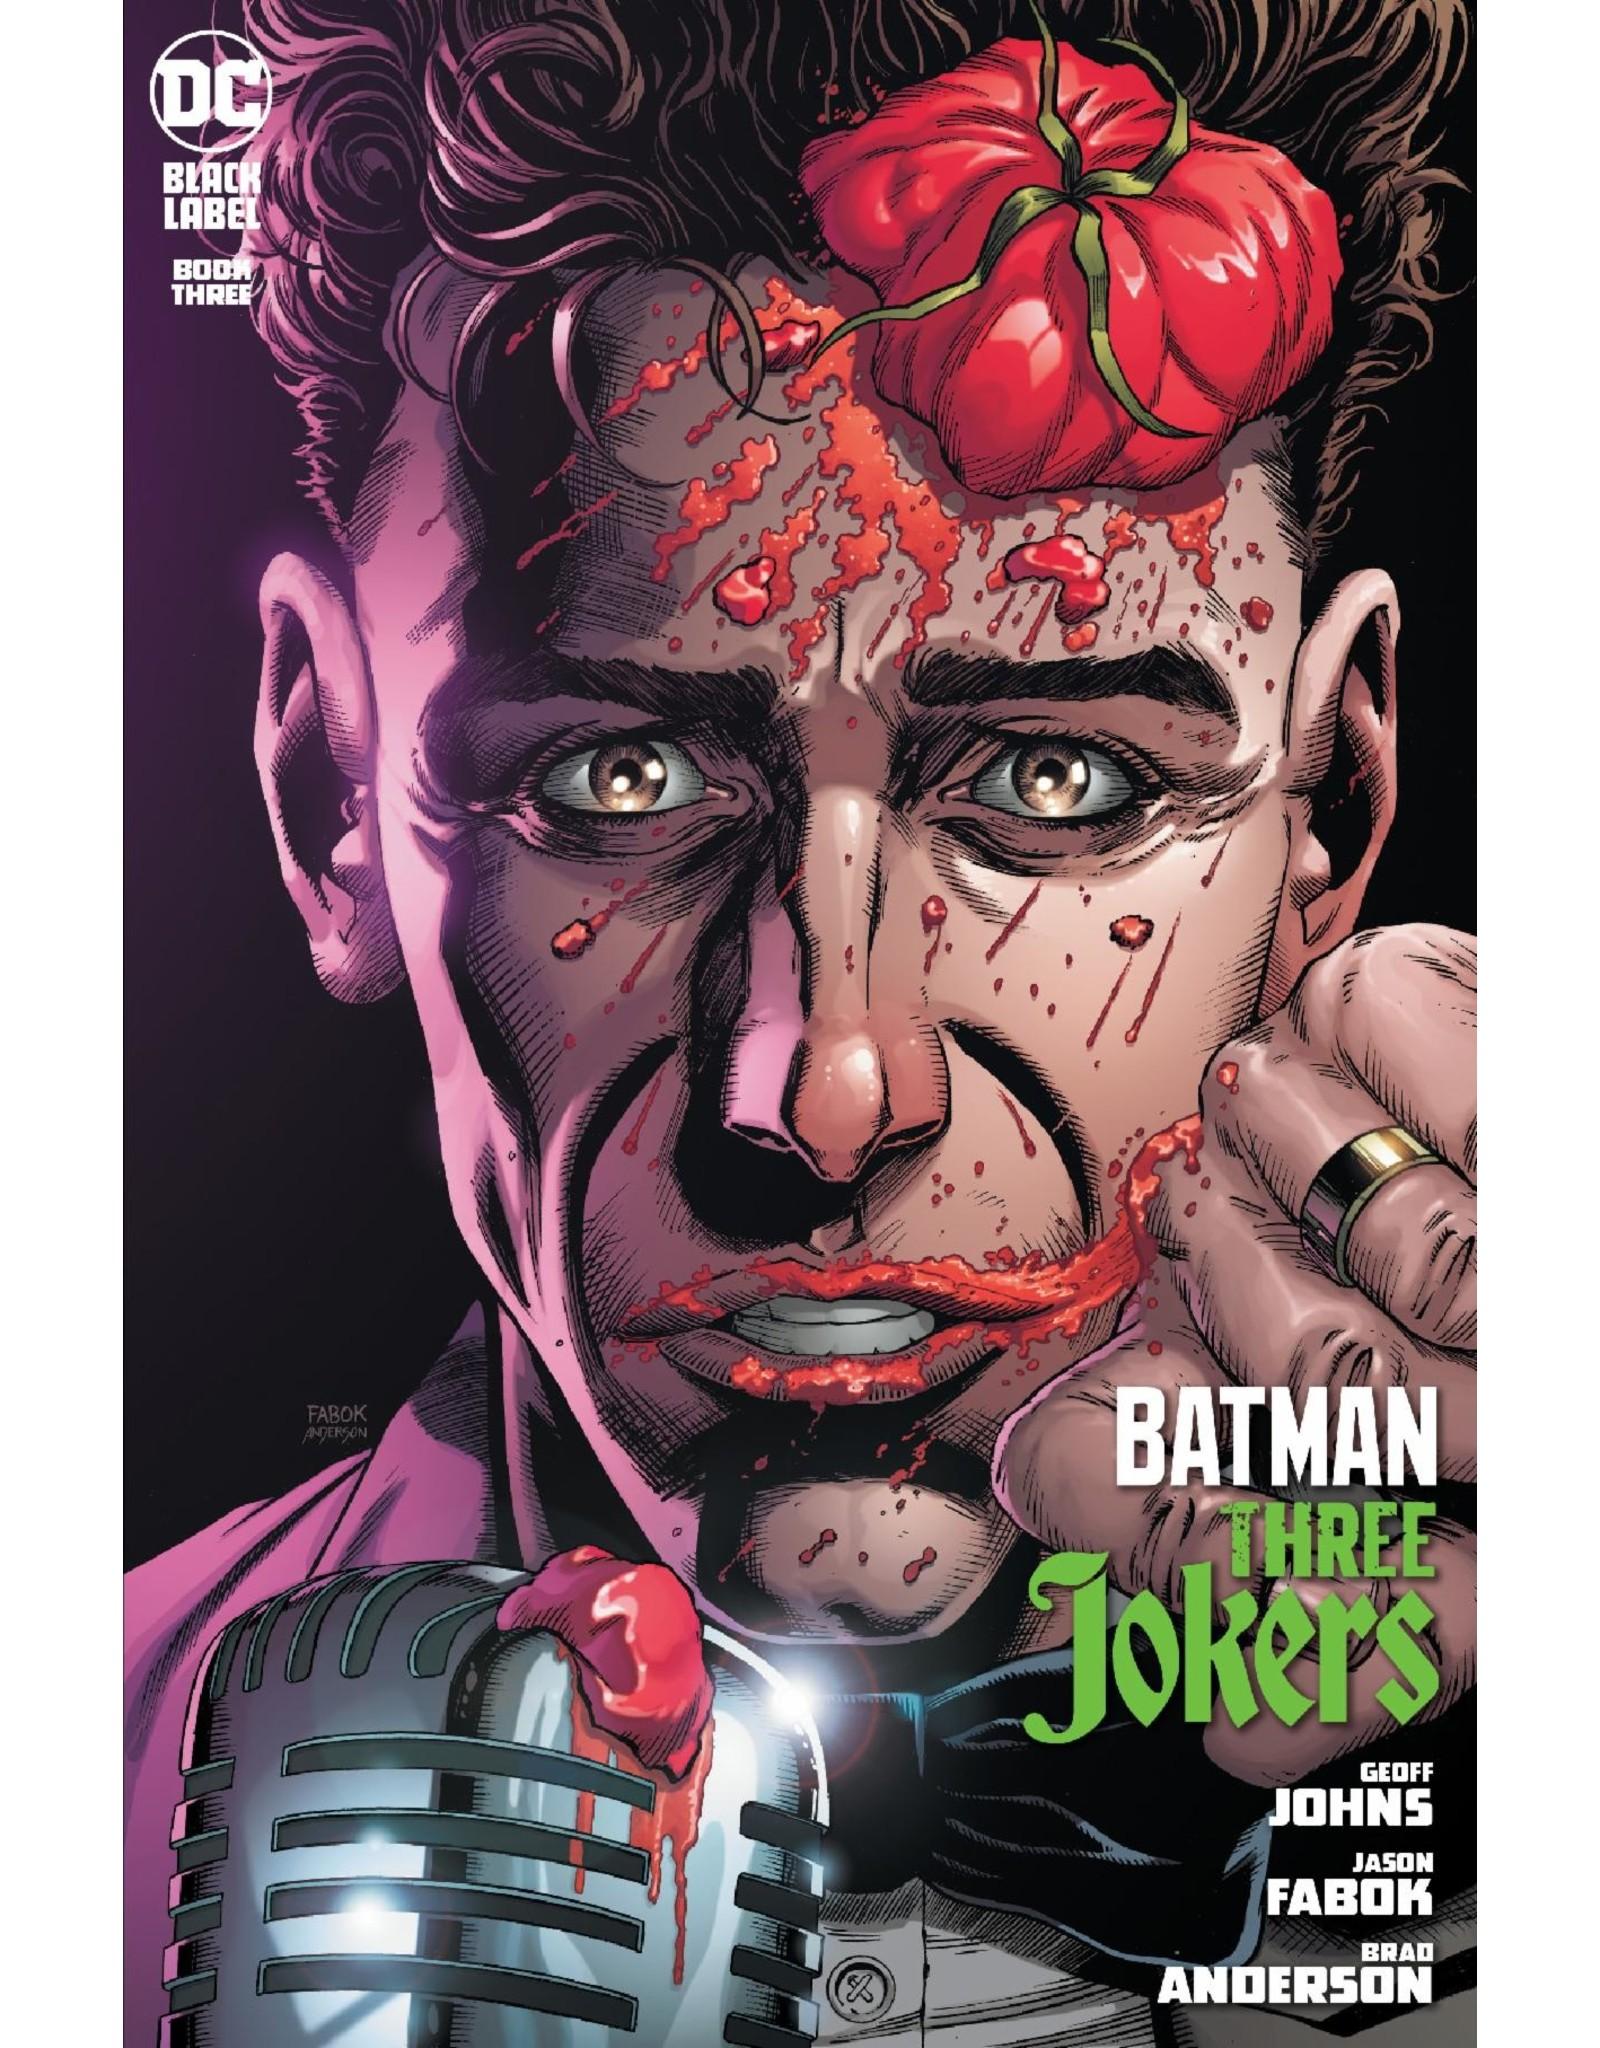 DC COMICS BATMAN THREE JOKERS #3 (OF 3) PREM CVR H STAND UP COMEDIAN